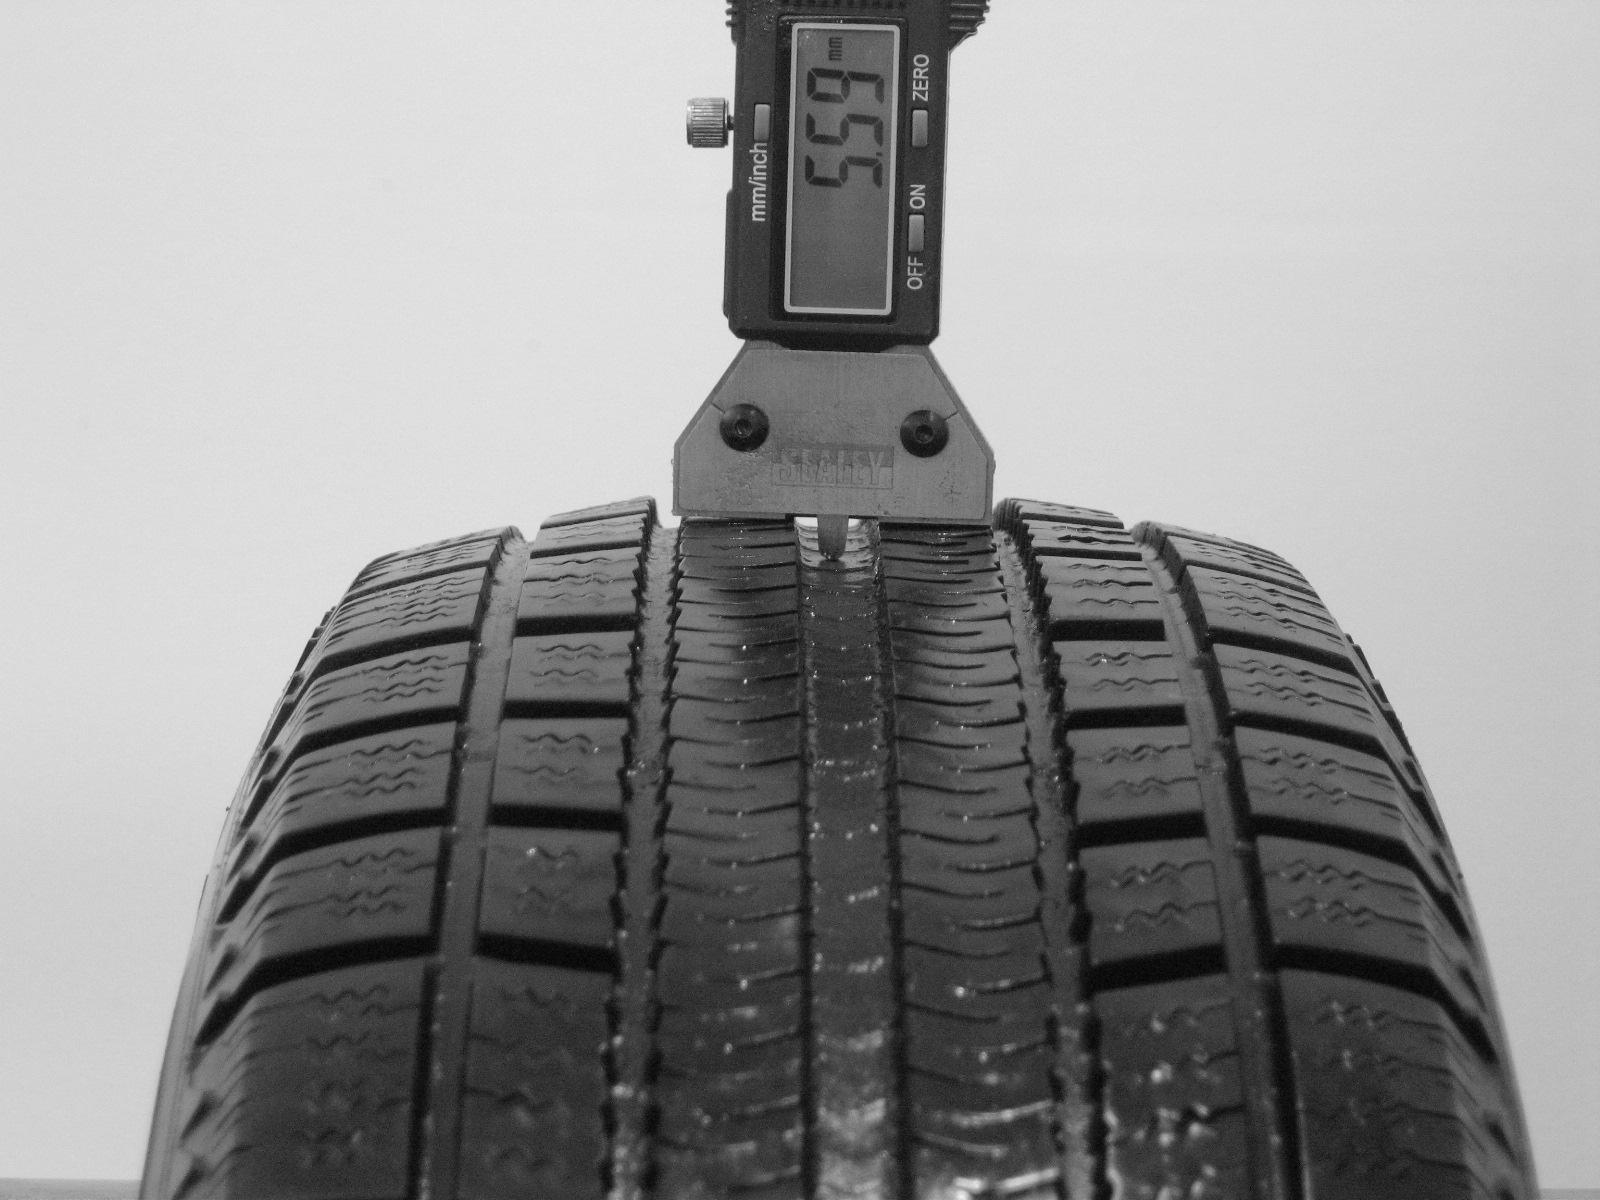 Použité-Pneu-Bazar - 165/65 R14 MICHELIN ALPIN XSE -kusovka-rezerva 3mm